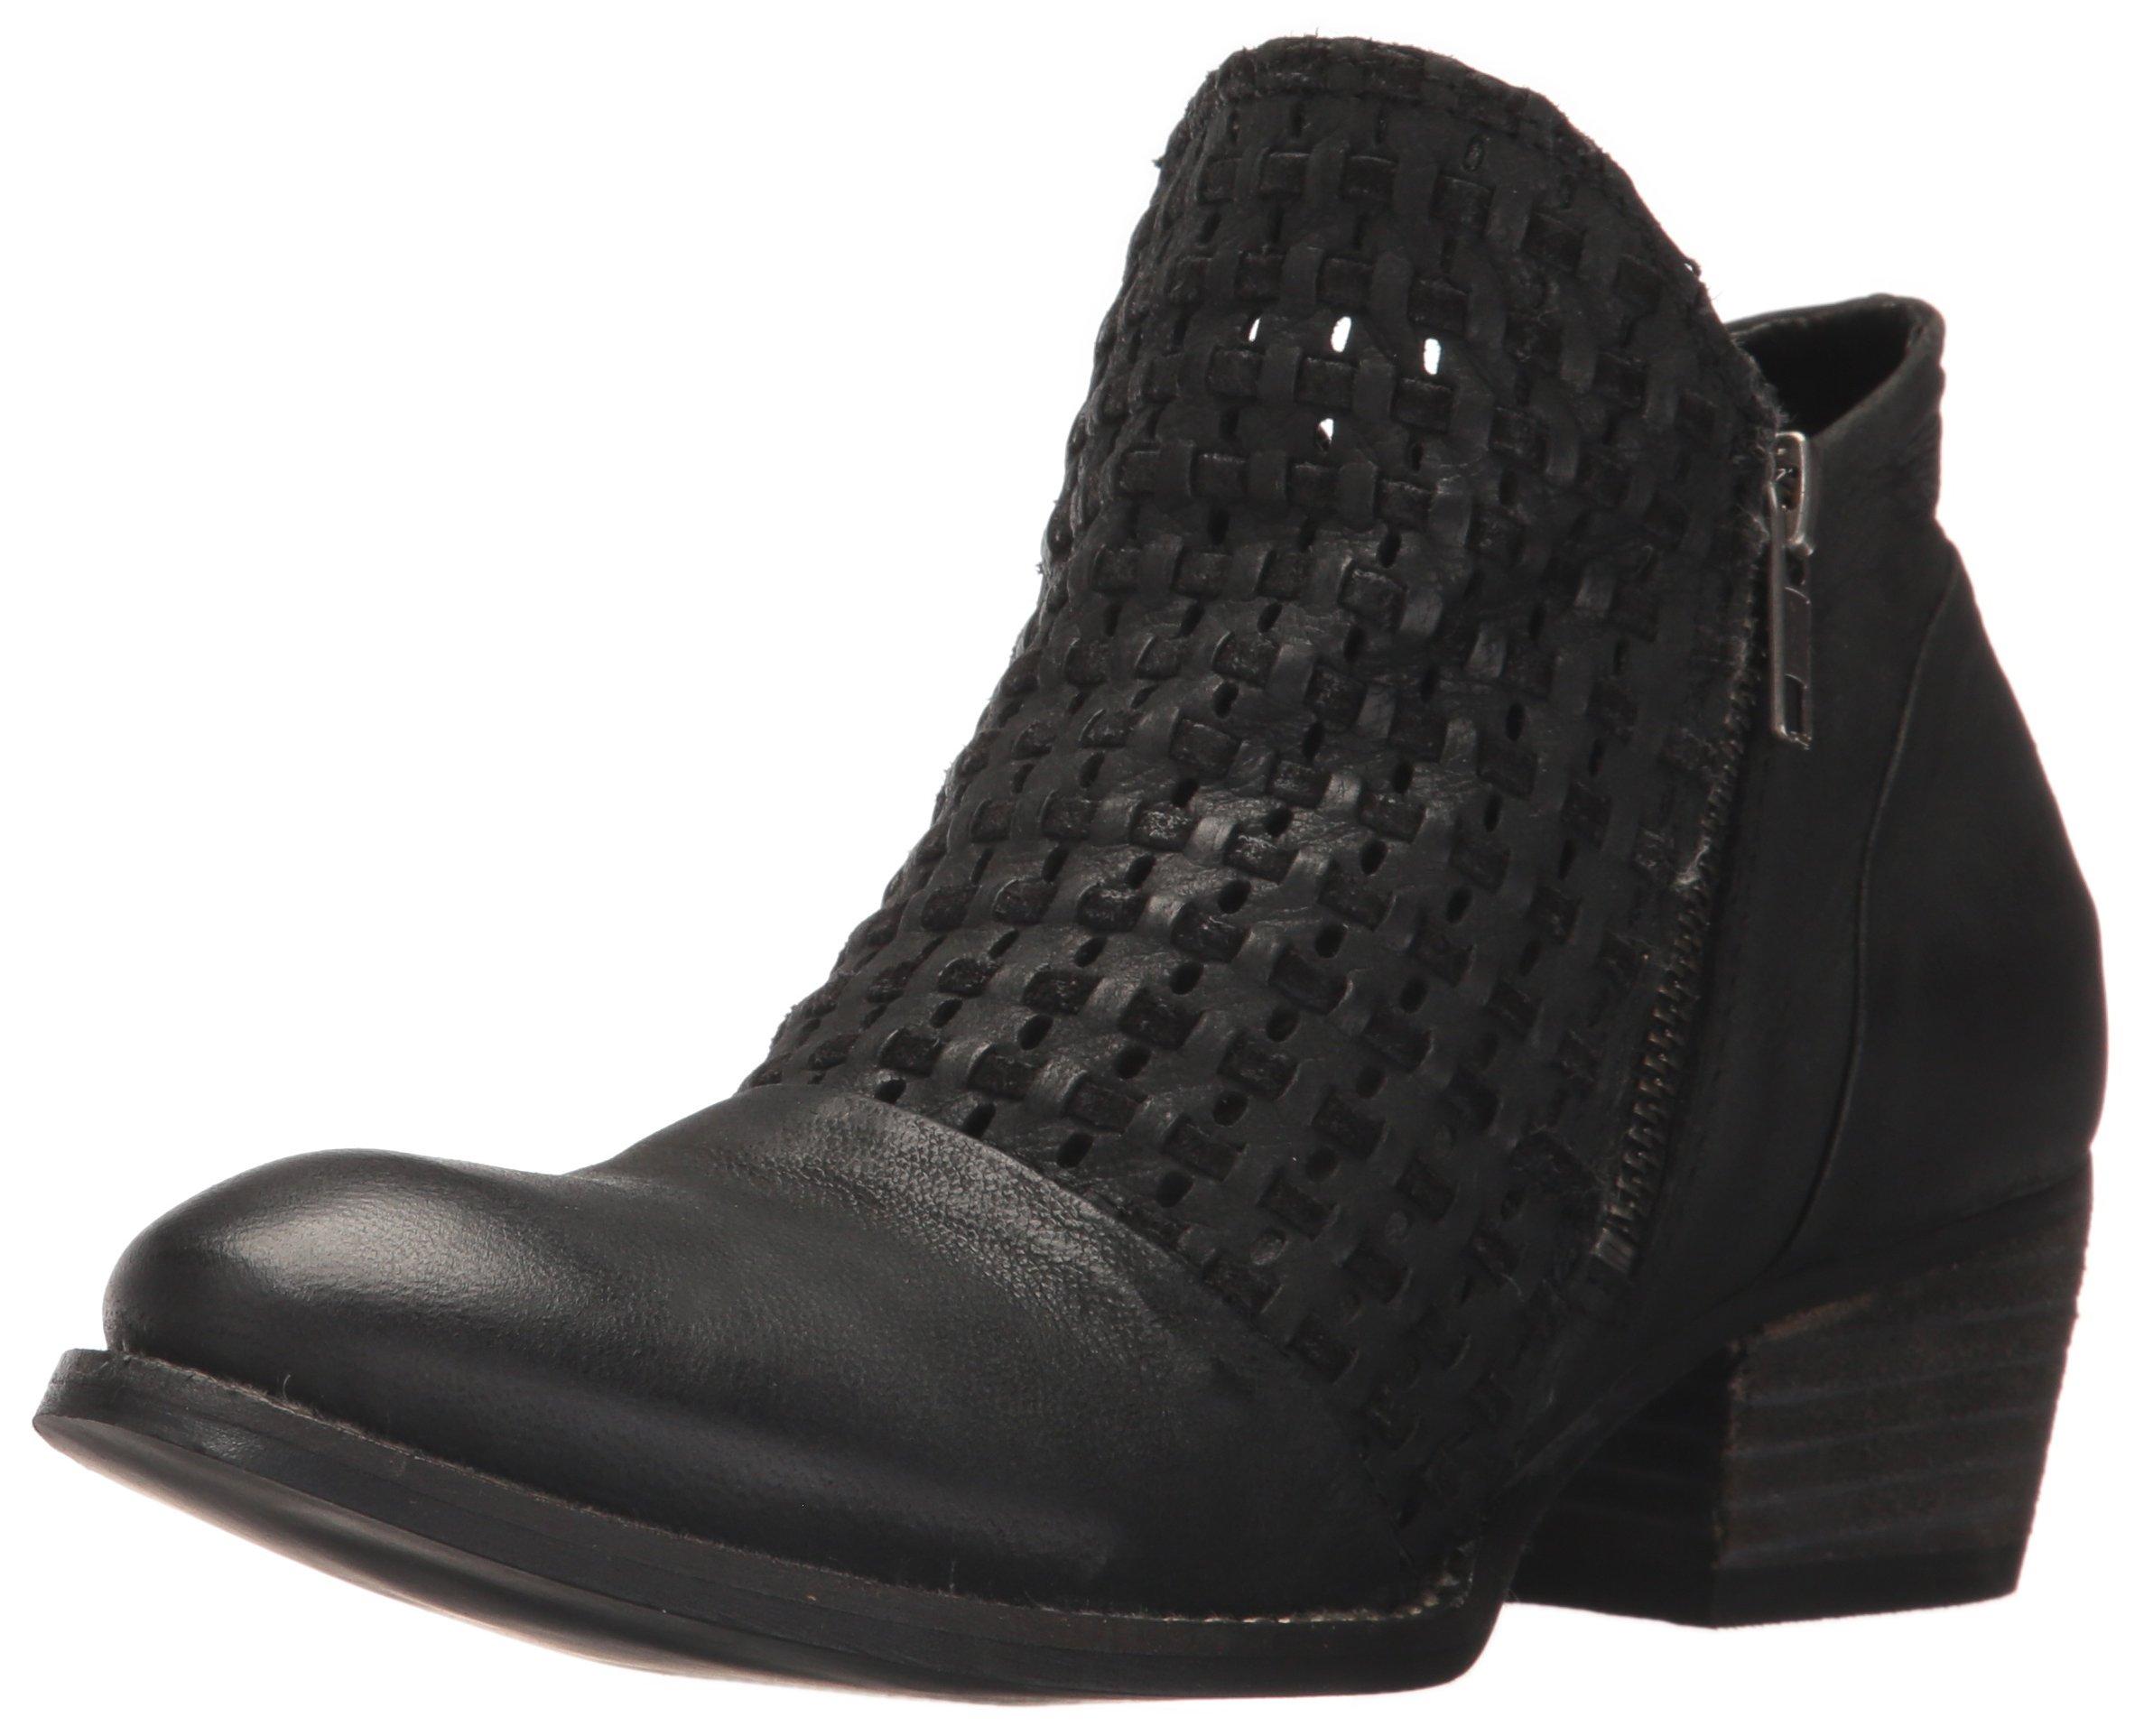 Splendid Women's Ravi Ankle Boot, Black, 8 M US